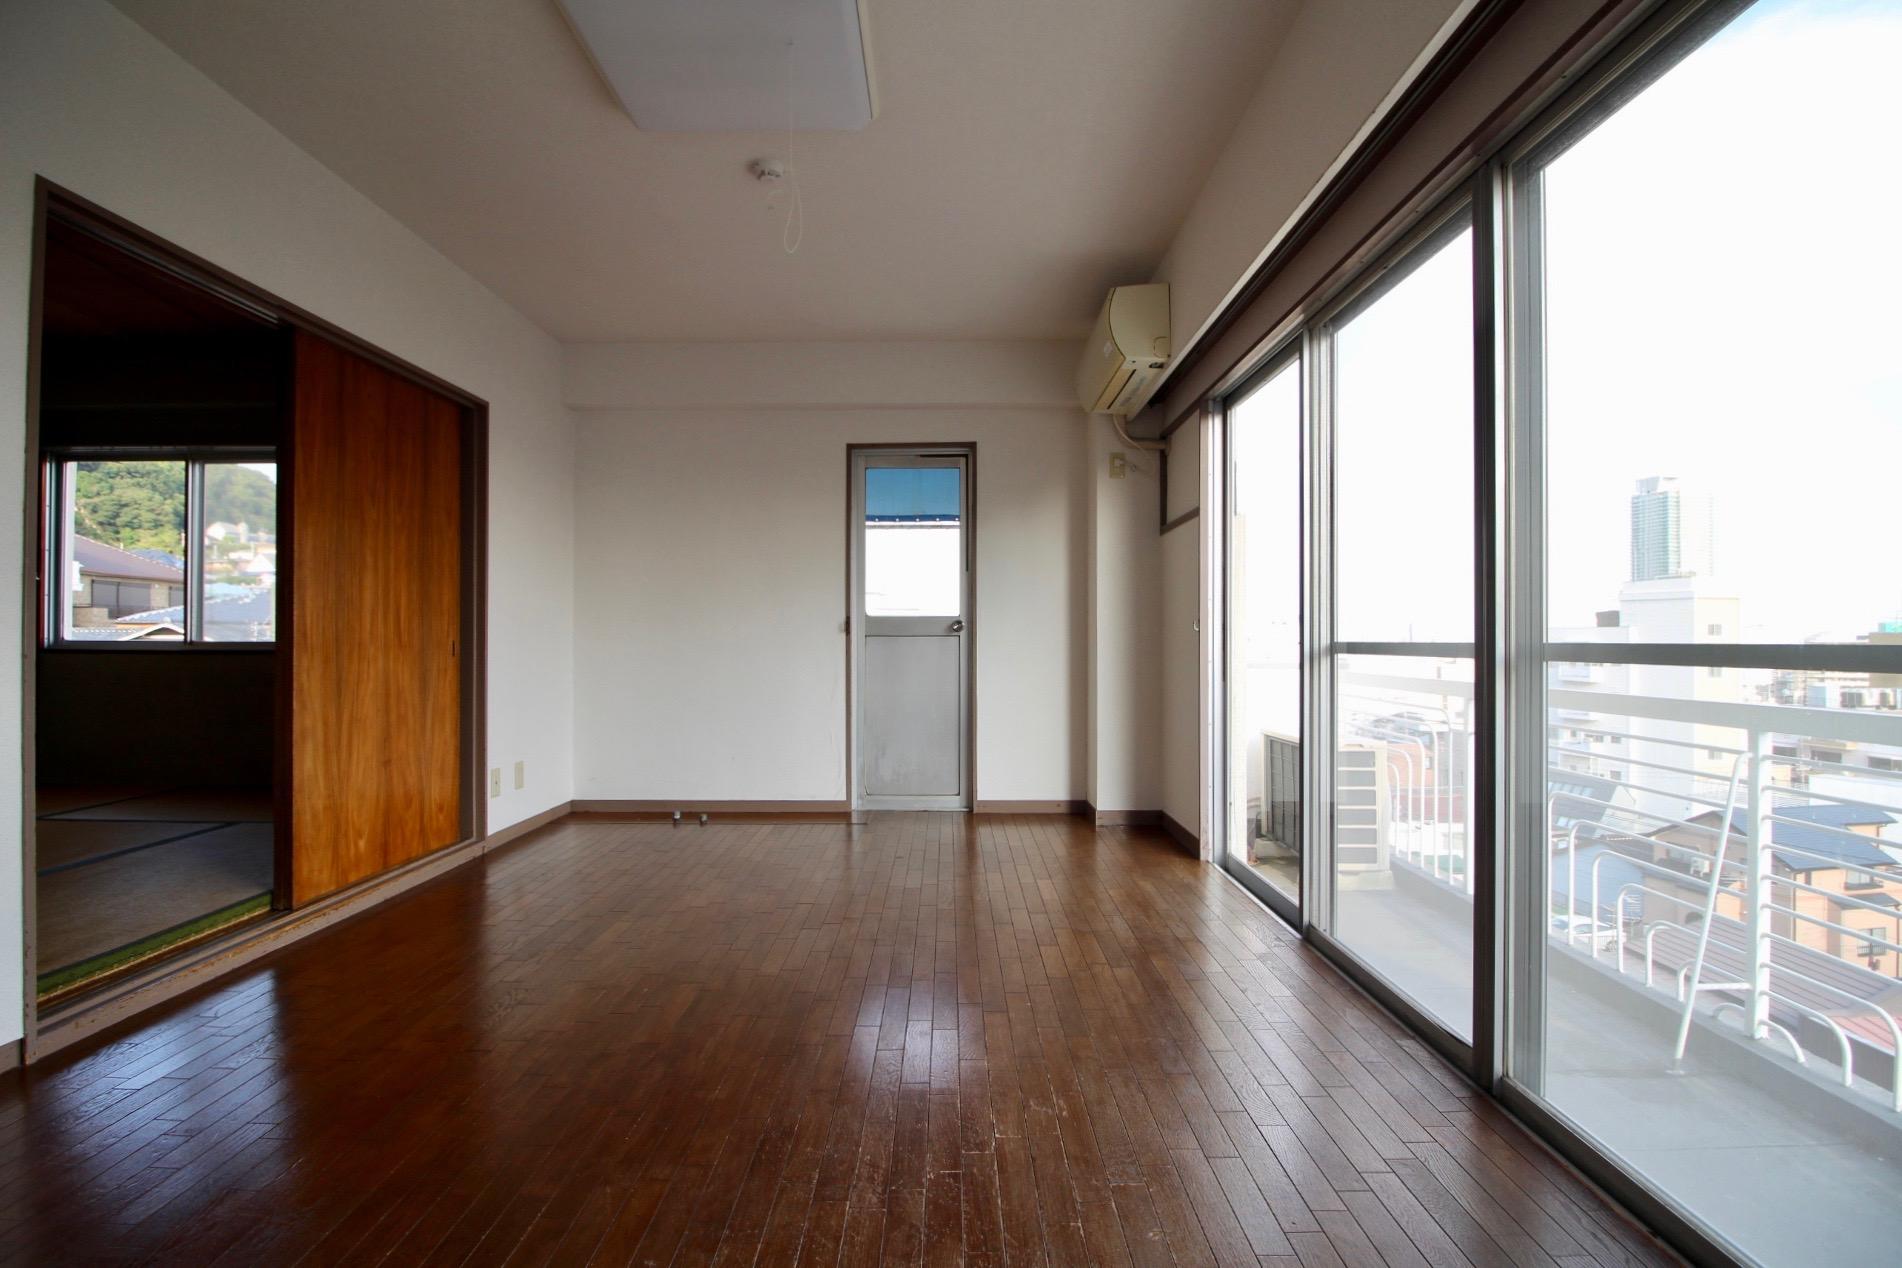 窓へと視線が広がる分、広さ以上に開放的なリビング